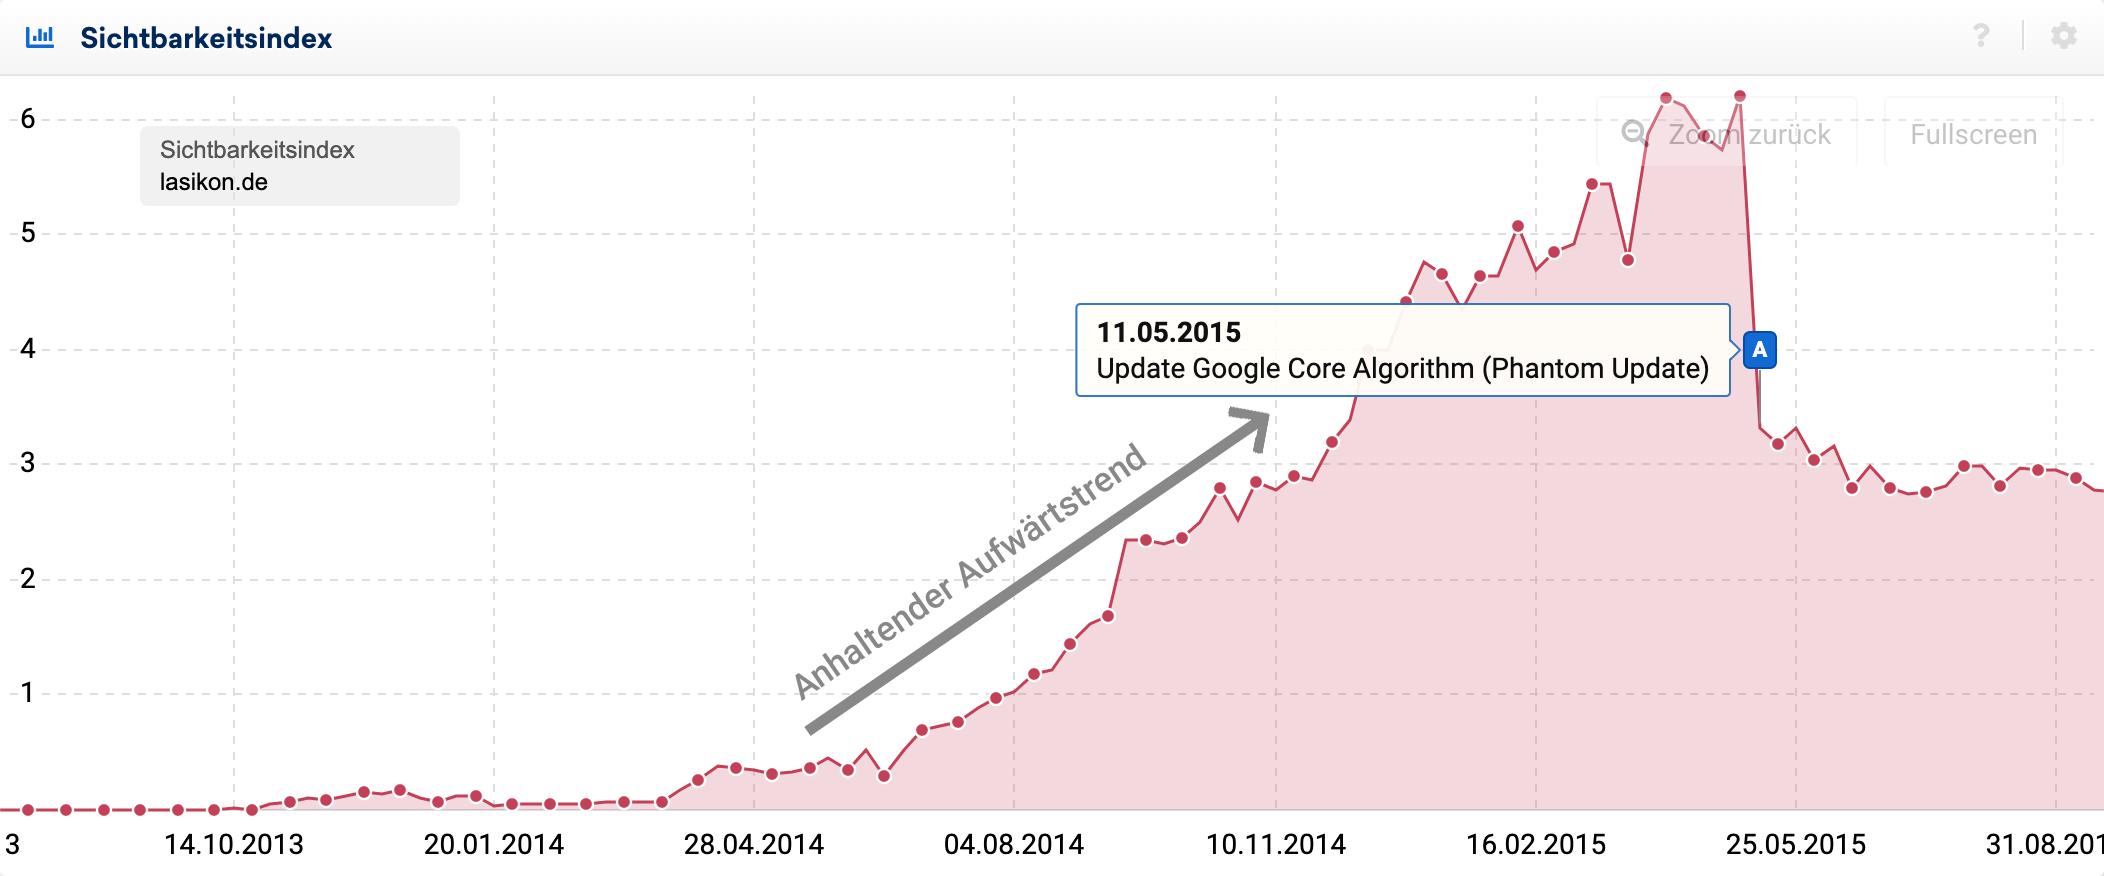 Sichtbarkeitsindex-Verlauf der Domain lasikon.de im Zeitraum zwischen November 2013 und August 2015. Der Sichtbarkeitsindex beginnt bei ca. 0 Punkten, steigt zwischen April 2014 und Mai 2015 auf 6 Punkte an, danach fällt der Sichtbarkeitsindex abrupt auf ca. 3 Punkte.